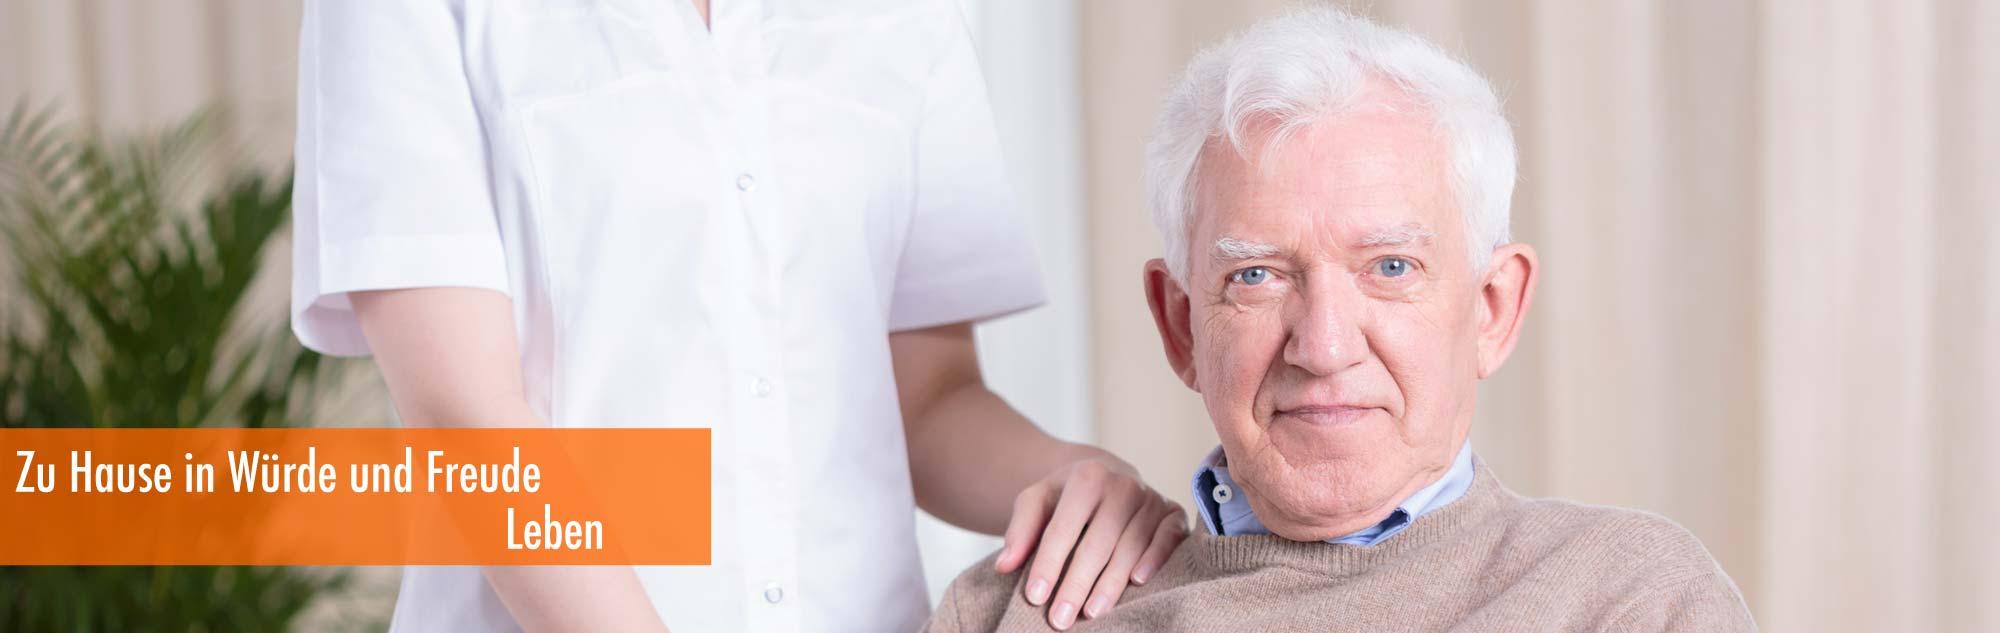 vermittlung-senioren-pflege